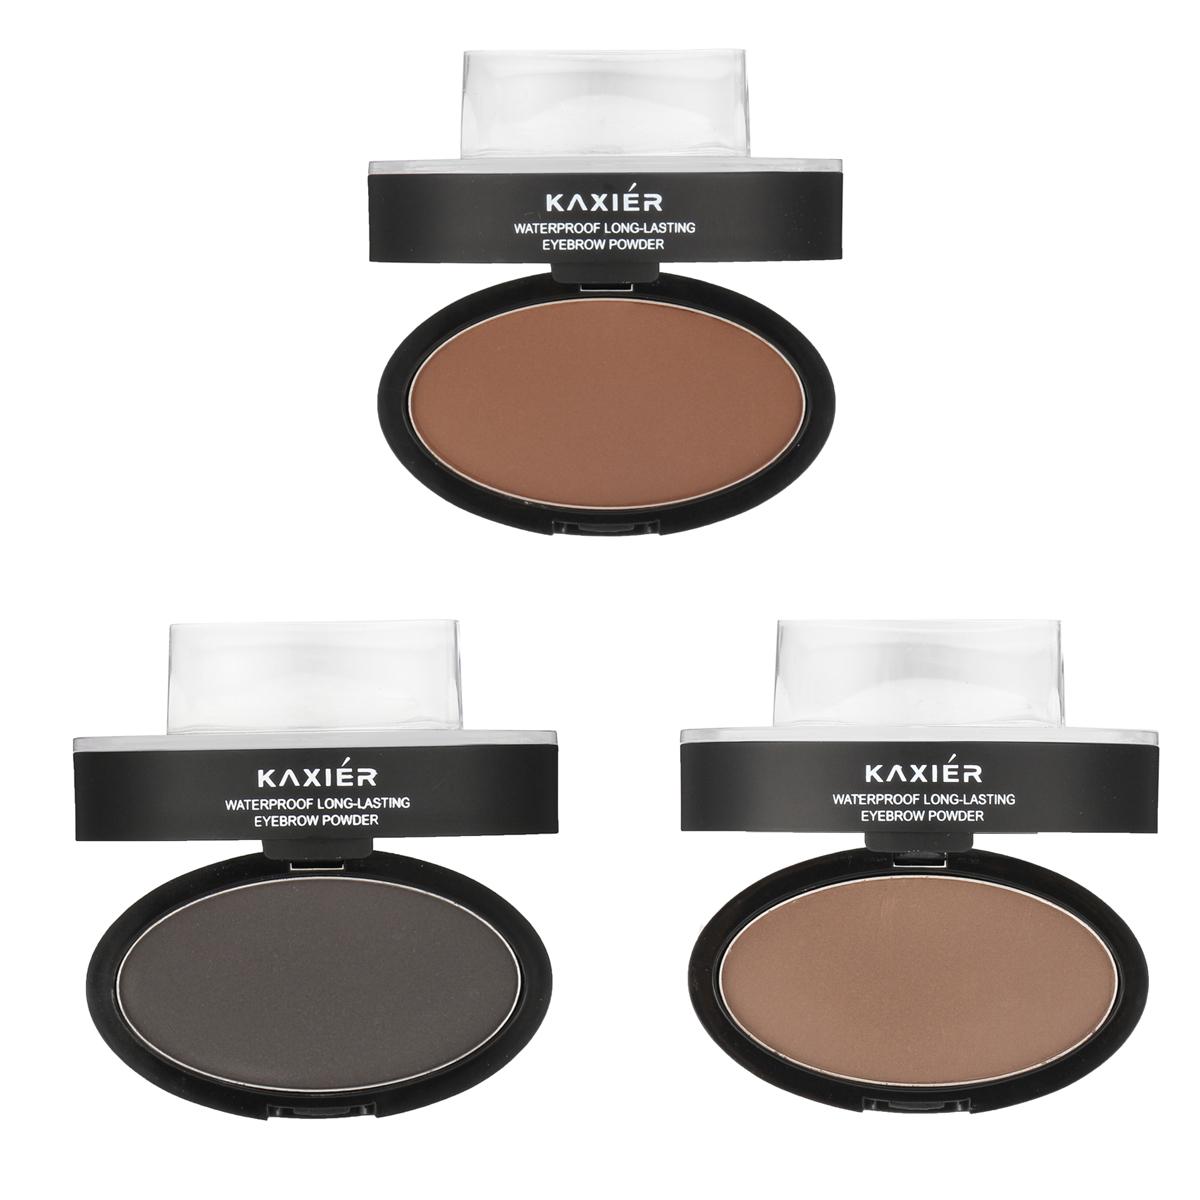 KAXIER Brow Stamp Eyebrow Powder Set Makeup Brush Waterproof Long Lasting Cosmetic Dark Grey Brown